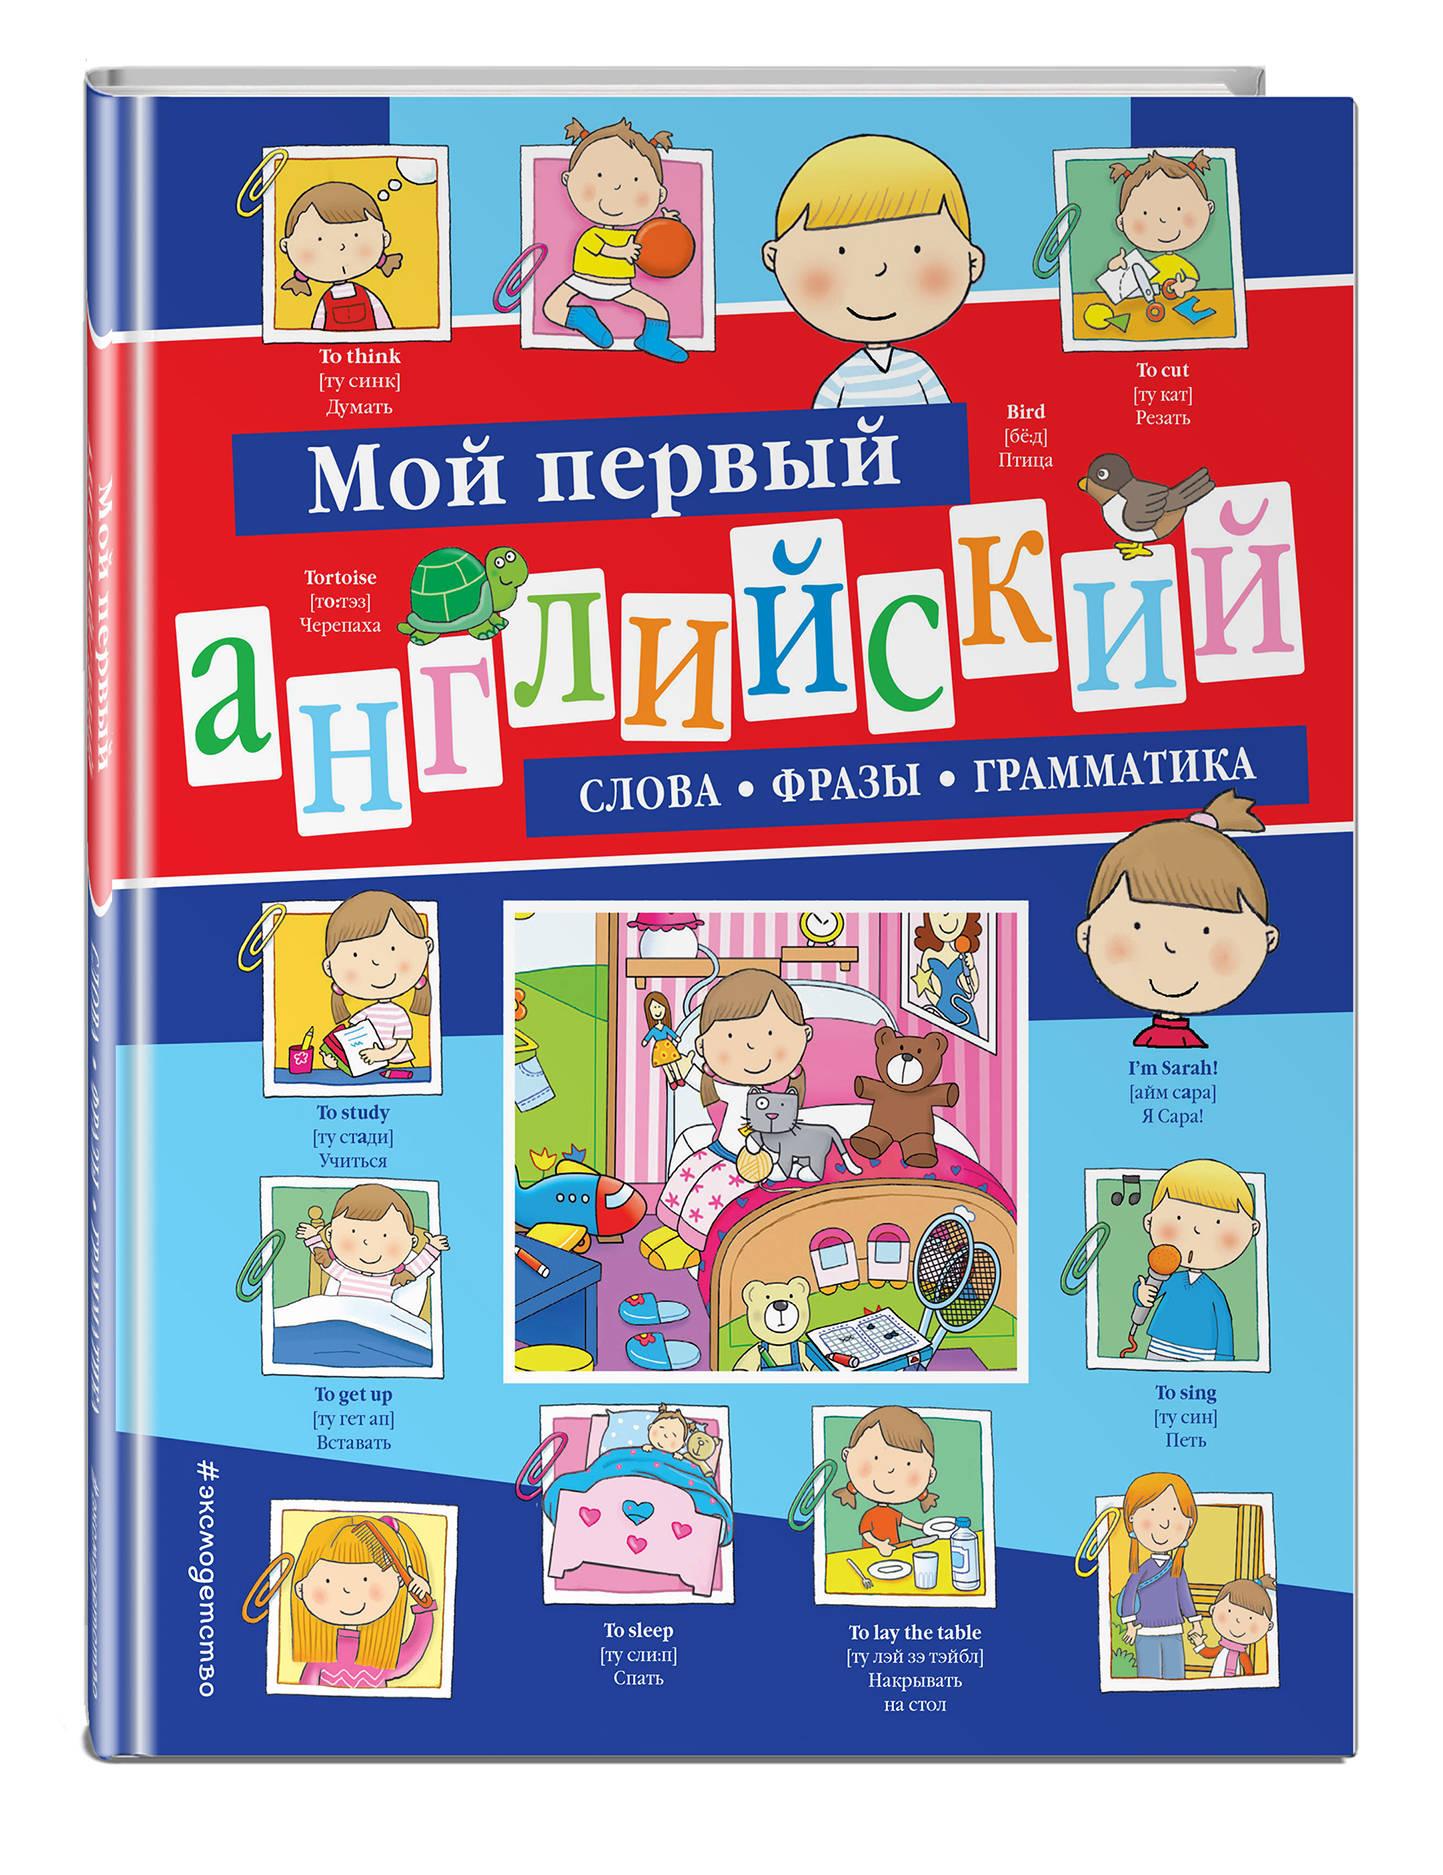 Мой первый английский: слова, фразы, грамматика вьюницкая е ред мой первый английский слова фразы грамматика